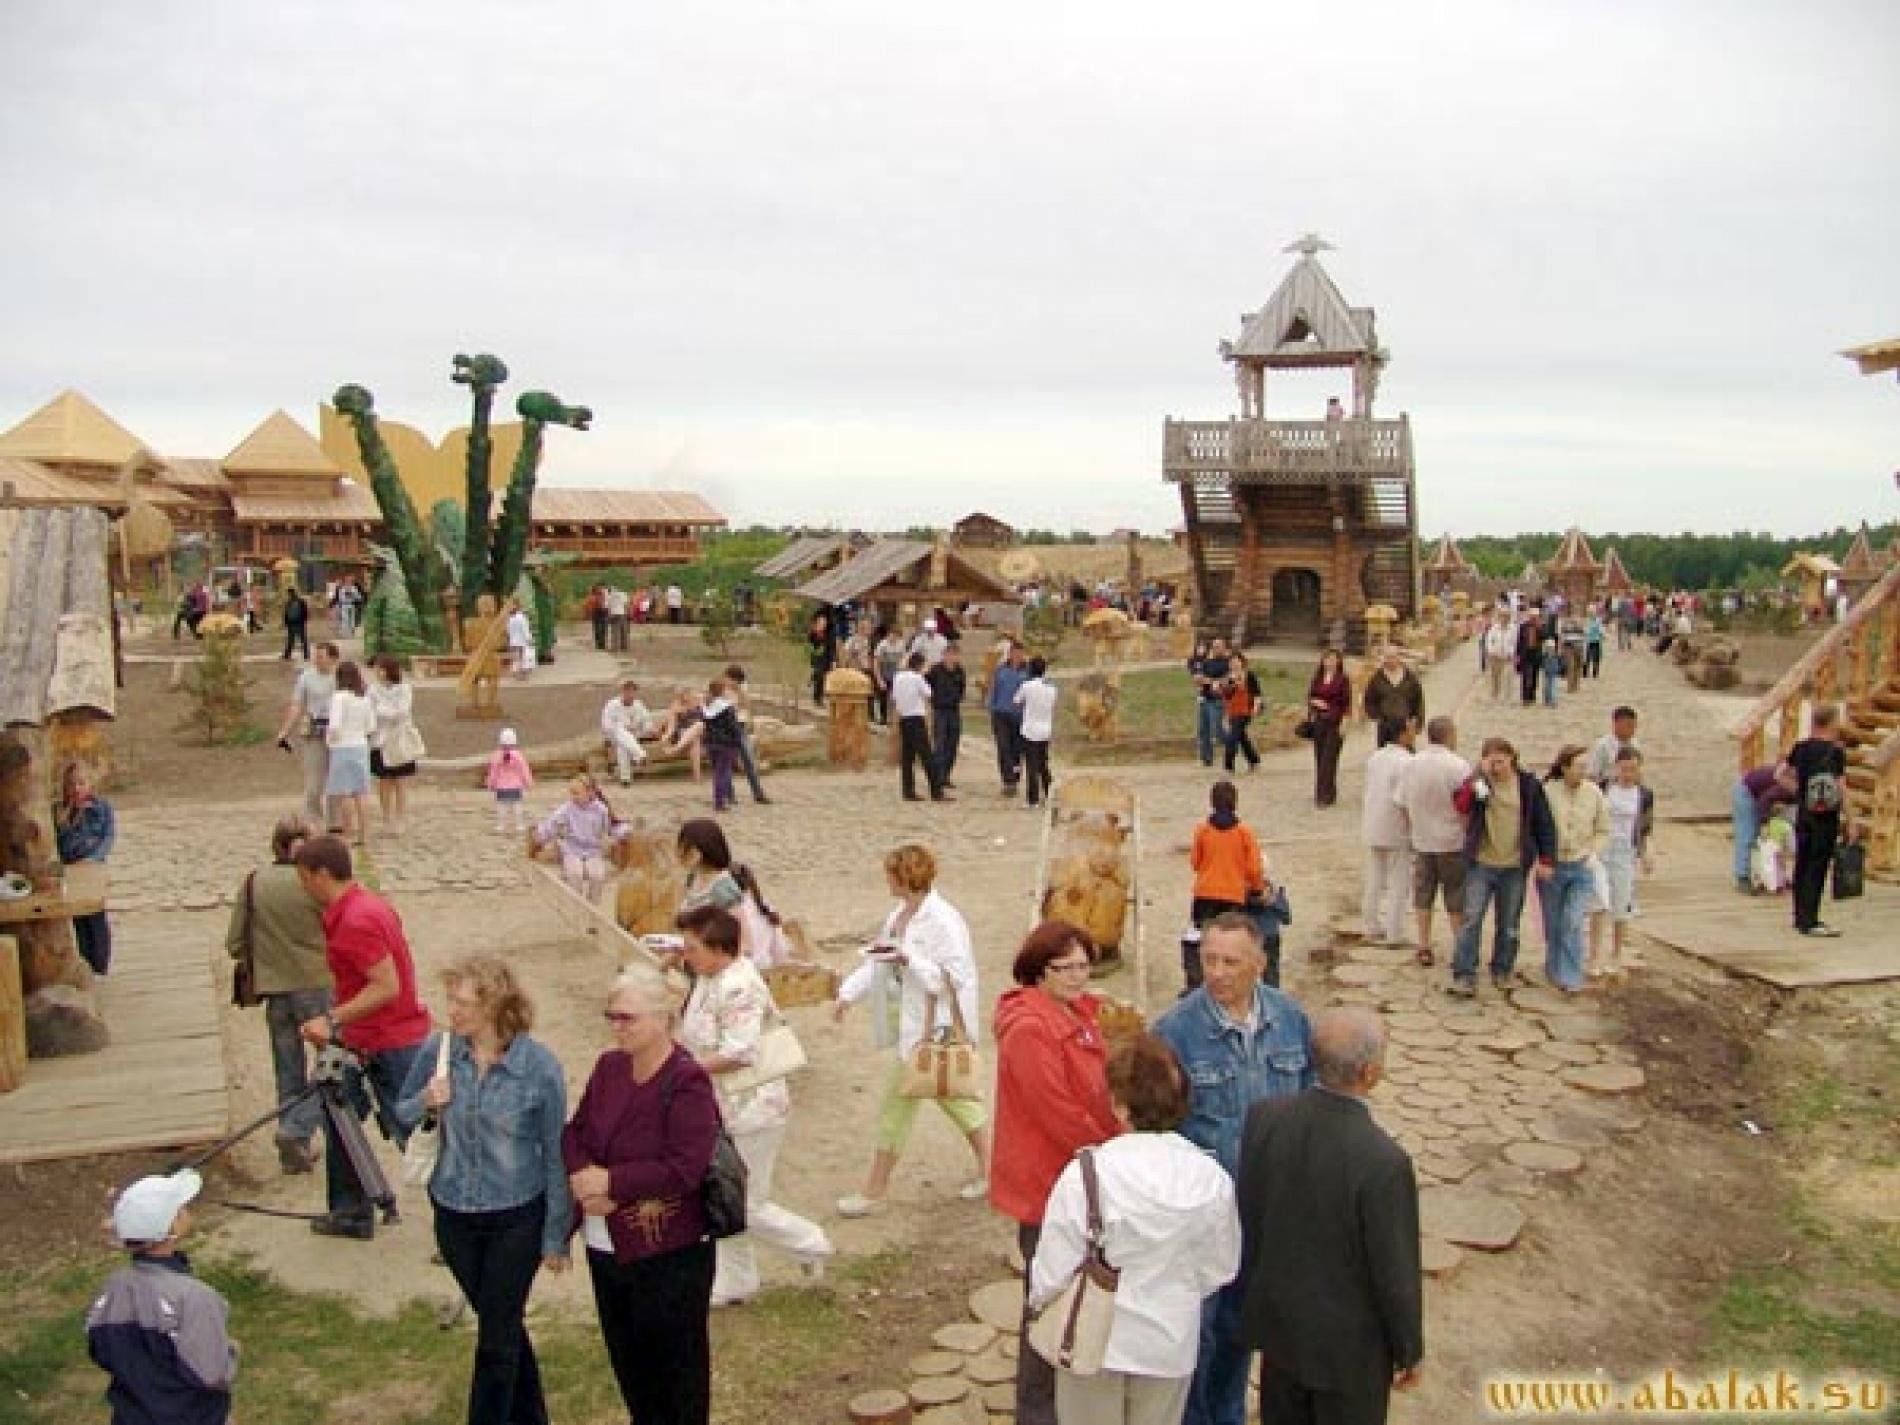 """База отдыха """"Абалак"""" Тюменская область, фото 12"""